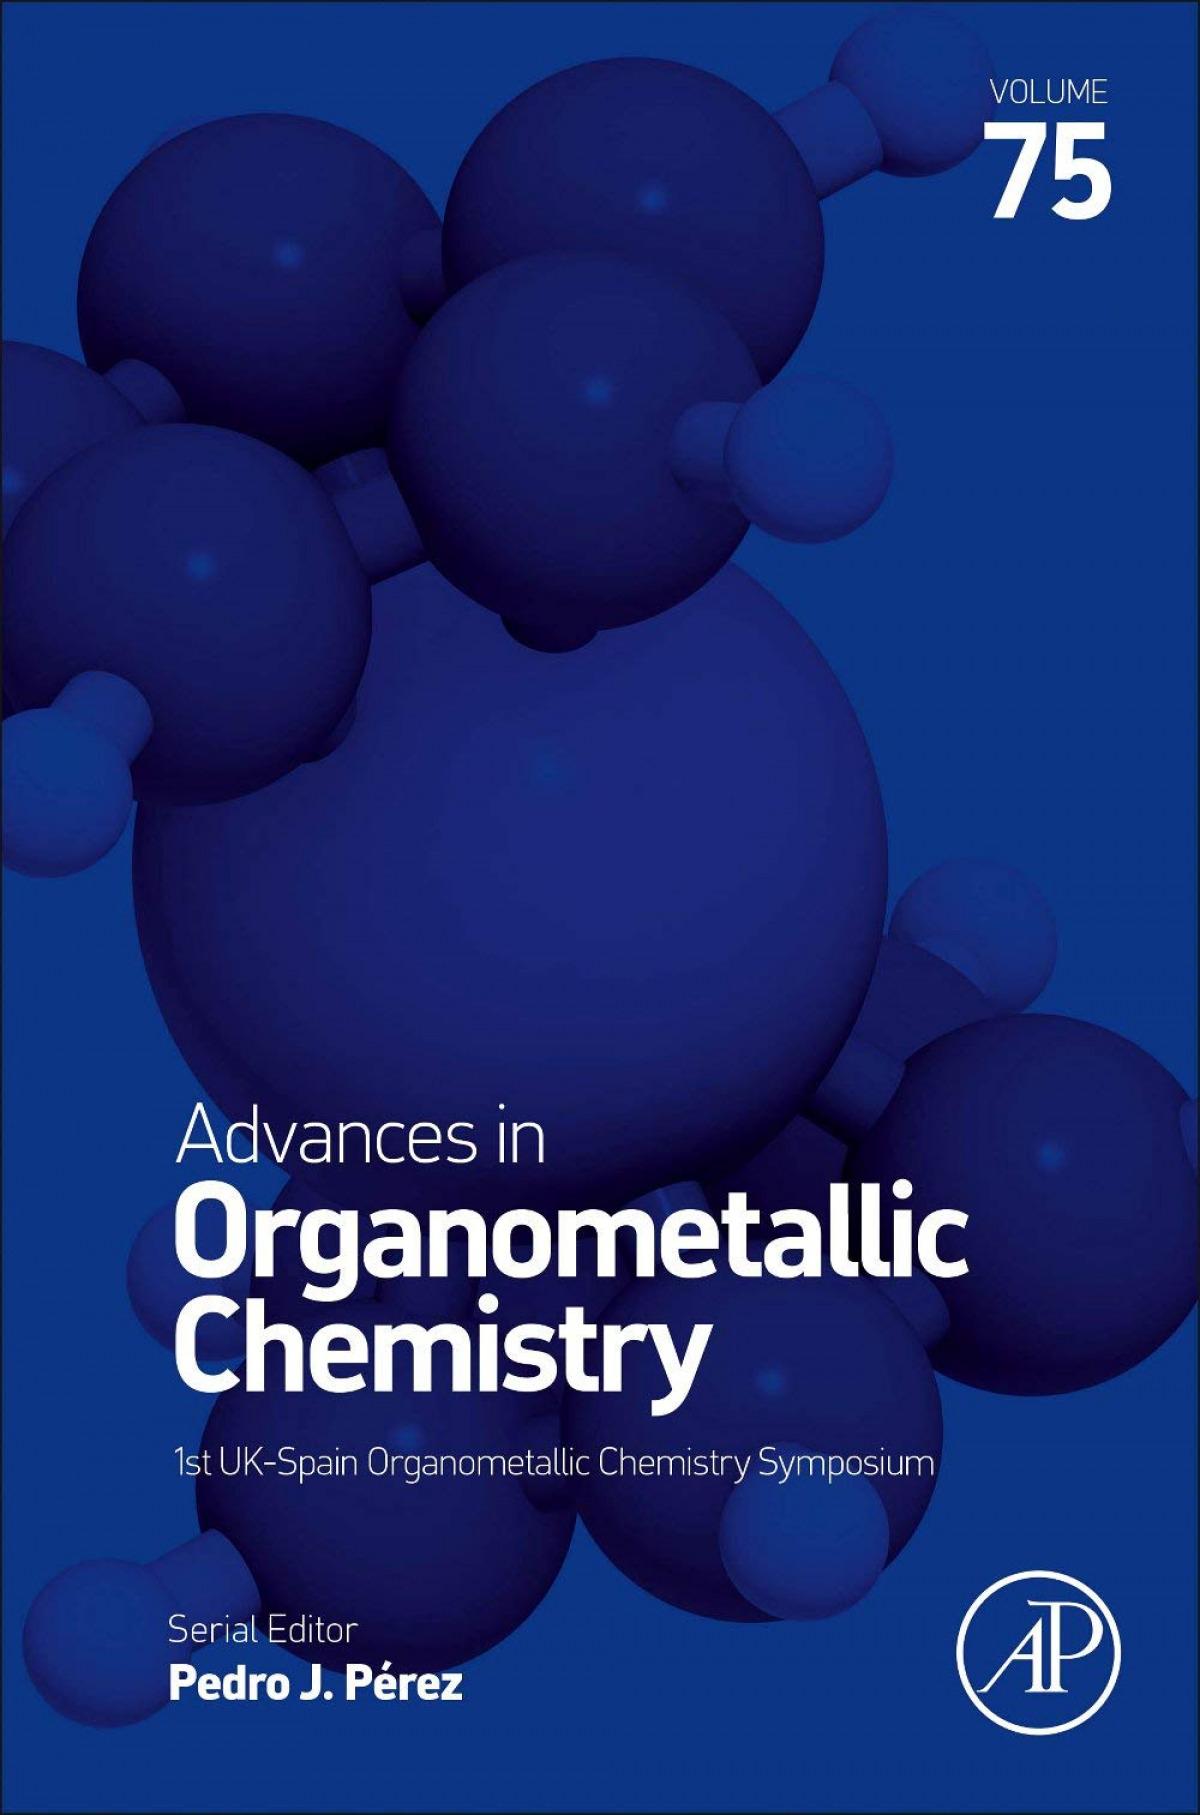 ADVANCES IN ORGNANOMETALLIC CHEMISTRY VOL.75